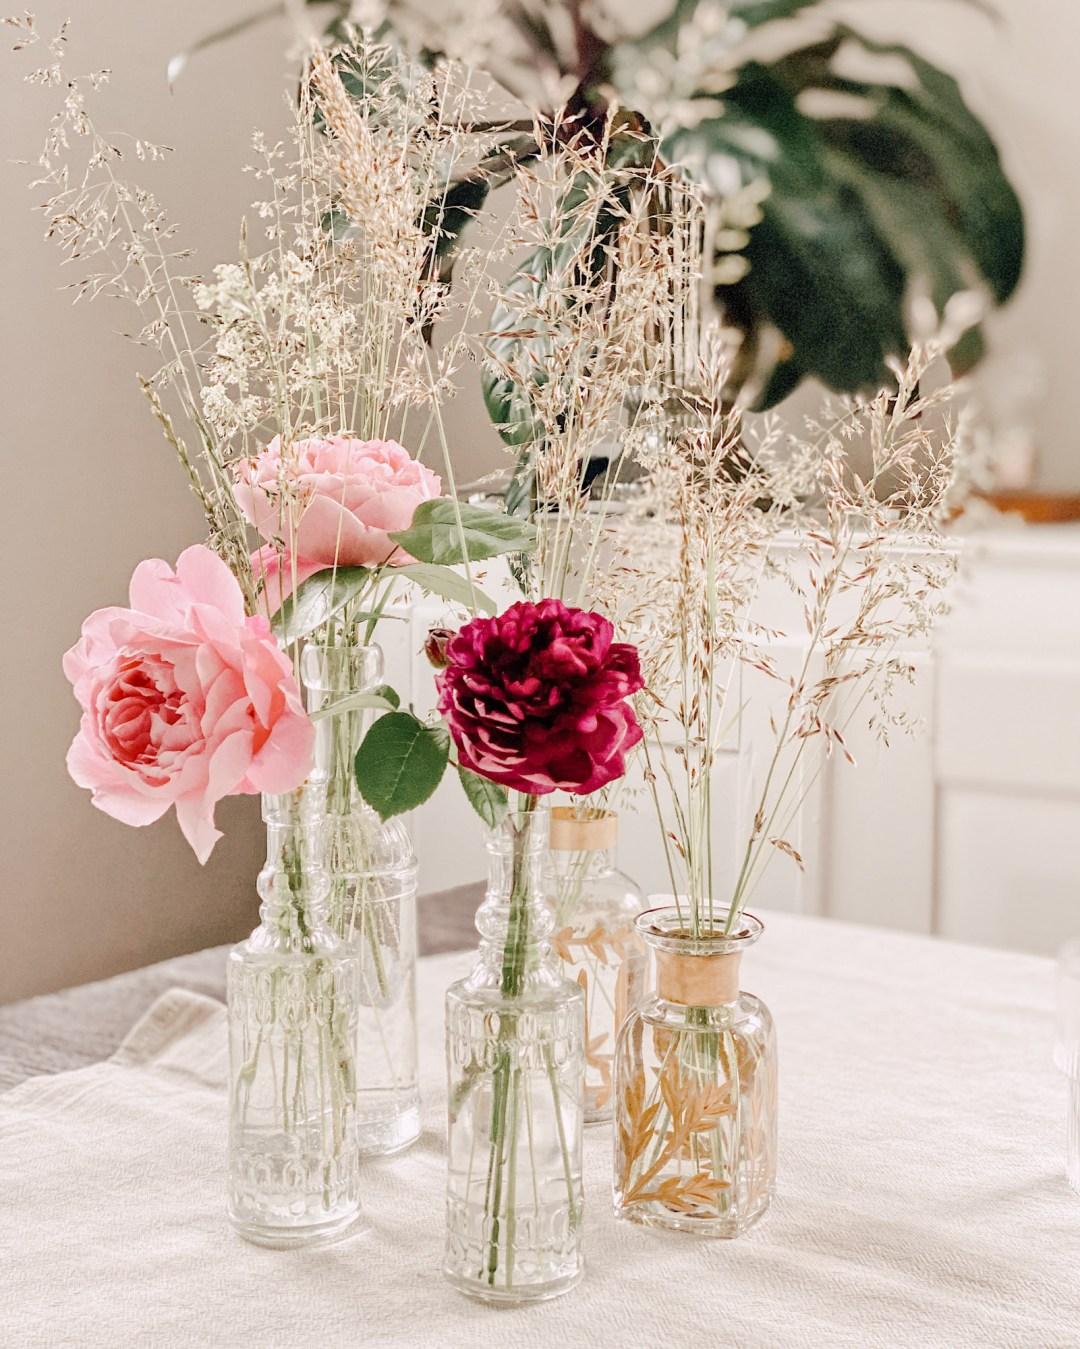 Inastil, Blumenliebe, Blumenstrauß, Dekoration, Blumendekoration, DIY, Gartenblumen, Rosen, Wiesenblumen, Blumenvasen, Homedecor, Dekoration Solebenwir, Daheim-22